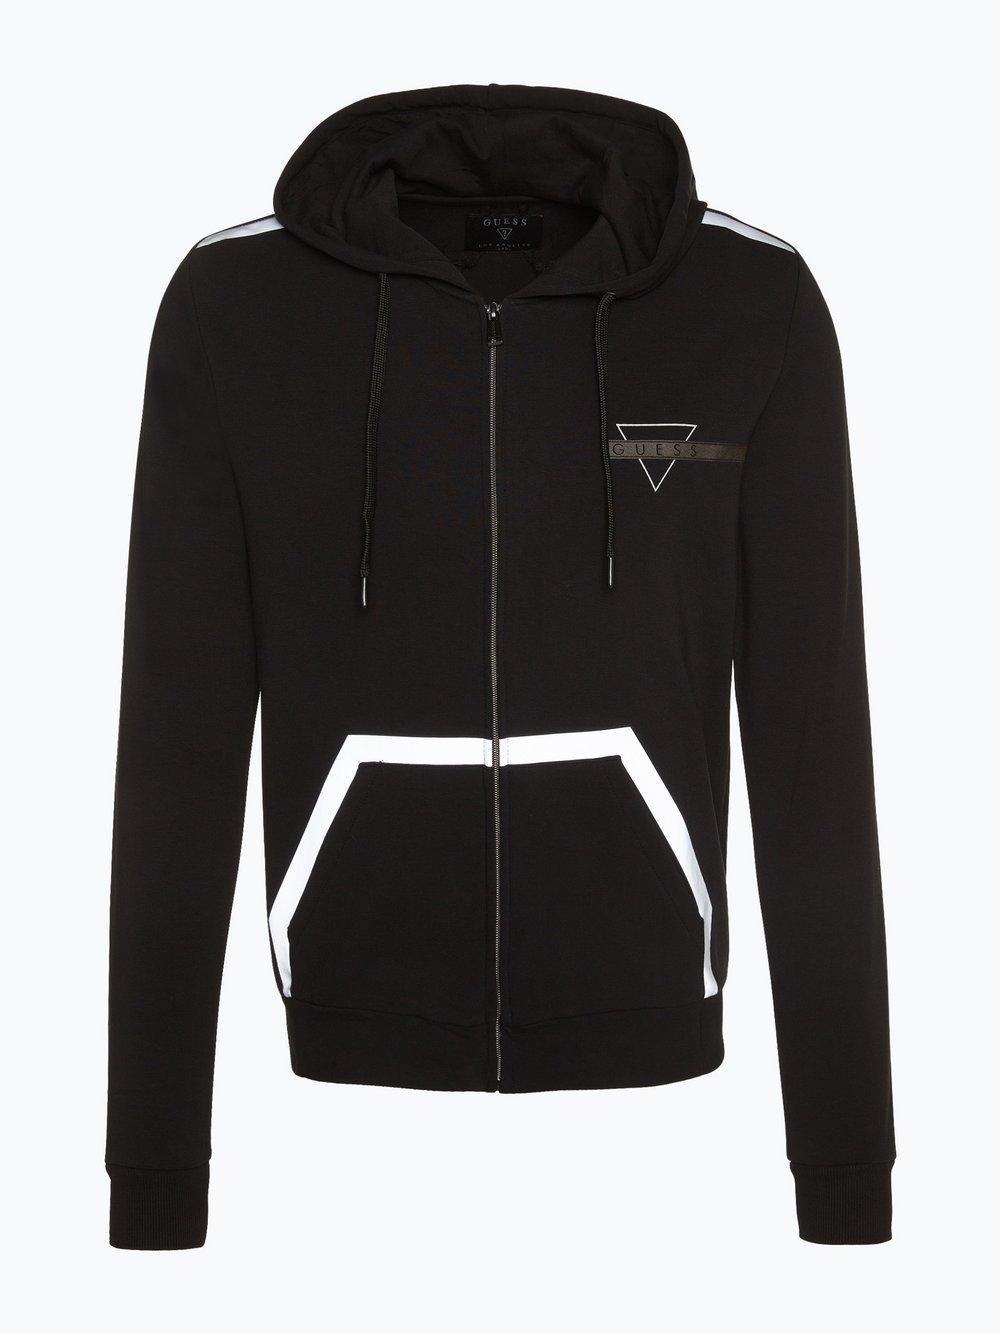 Jacken von GUESS für Männer günstig online kaufen bei